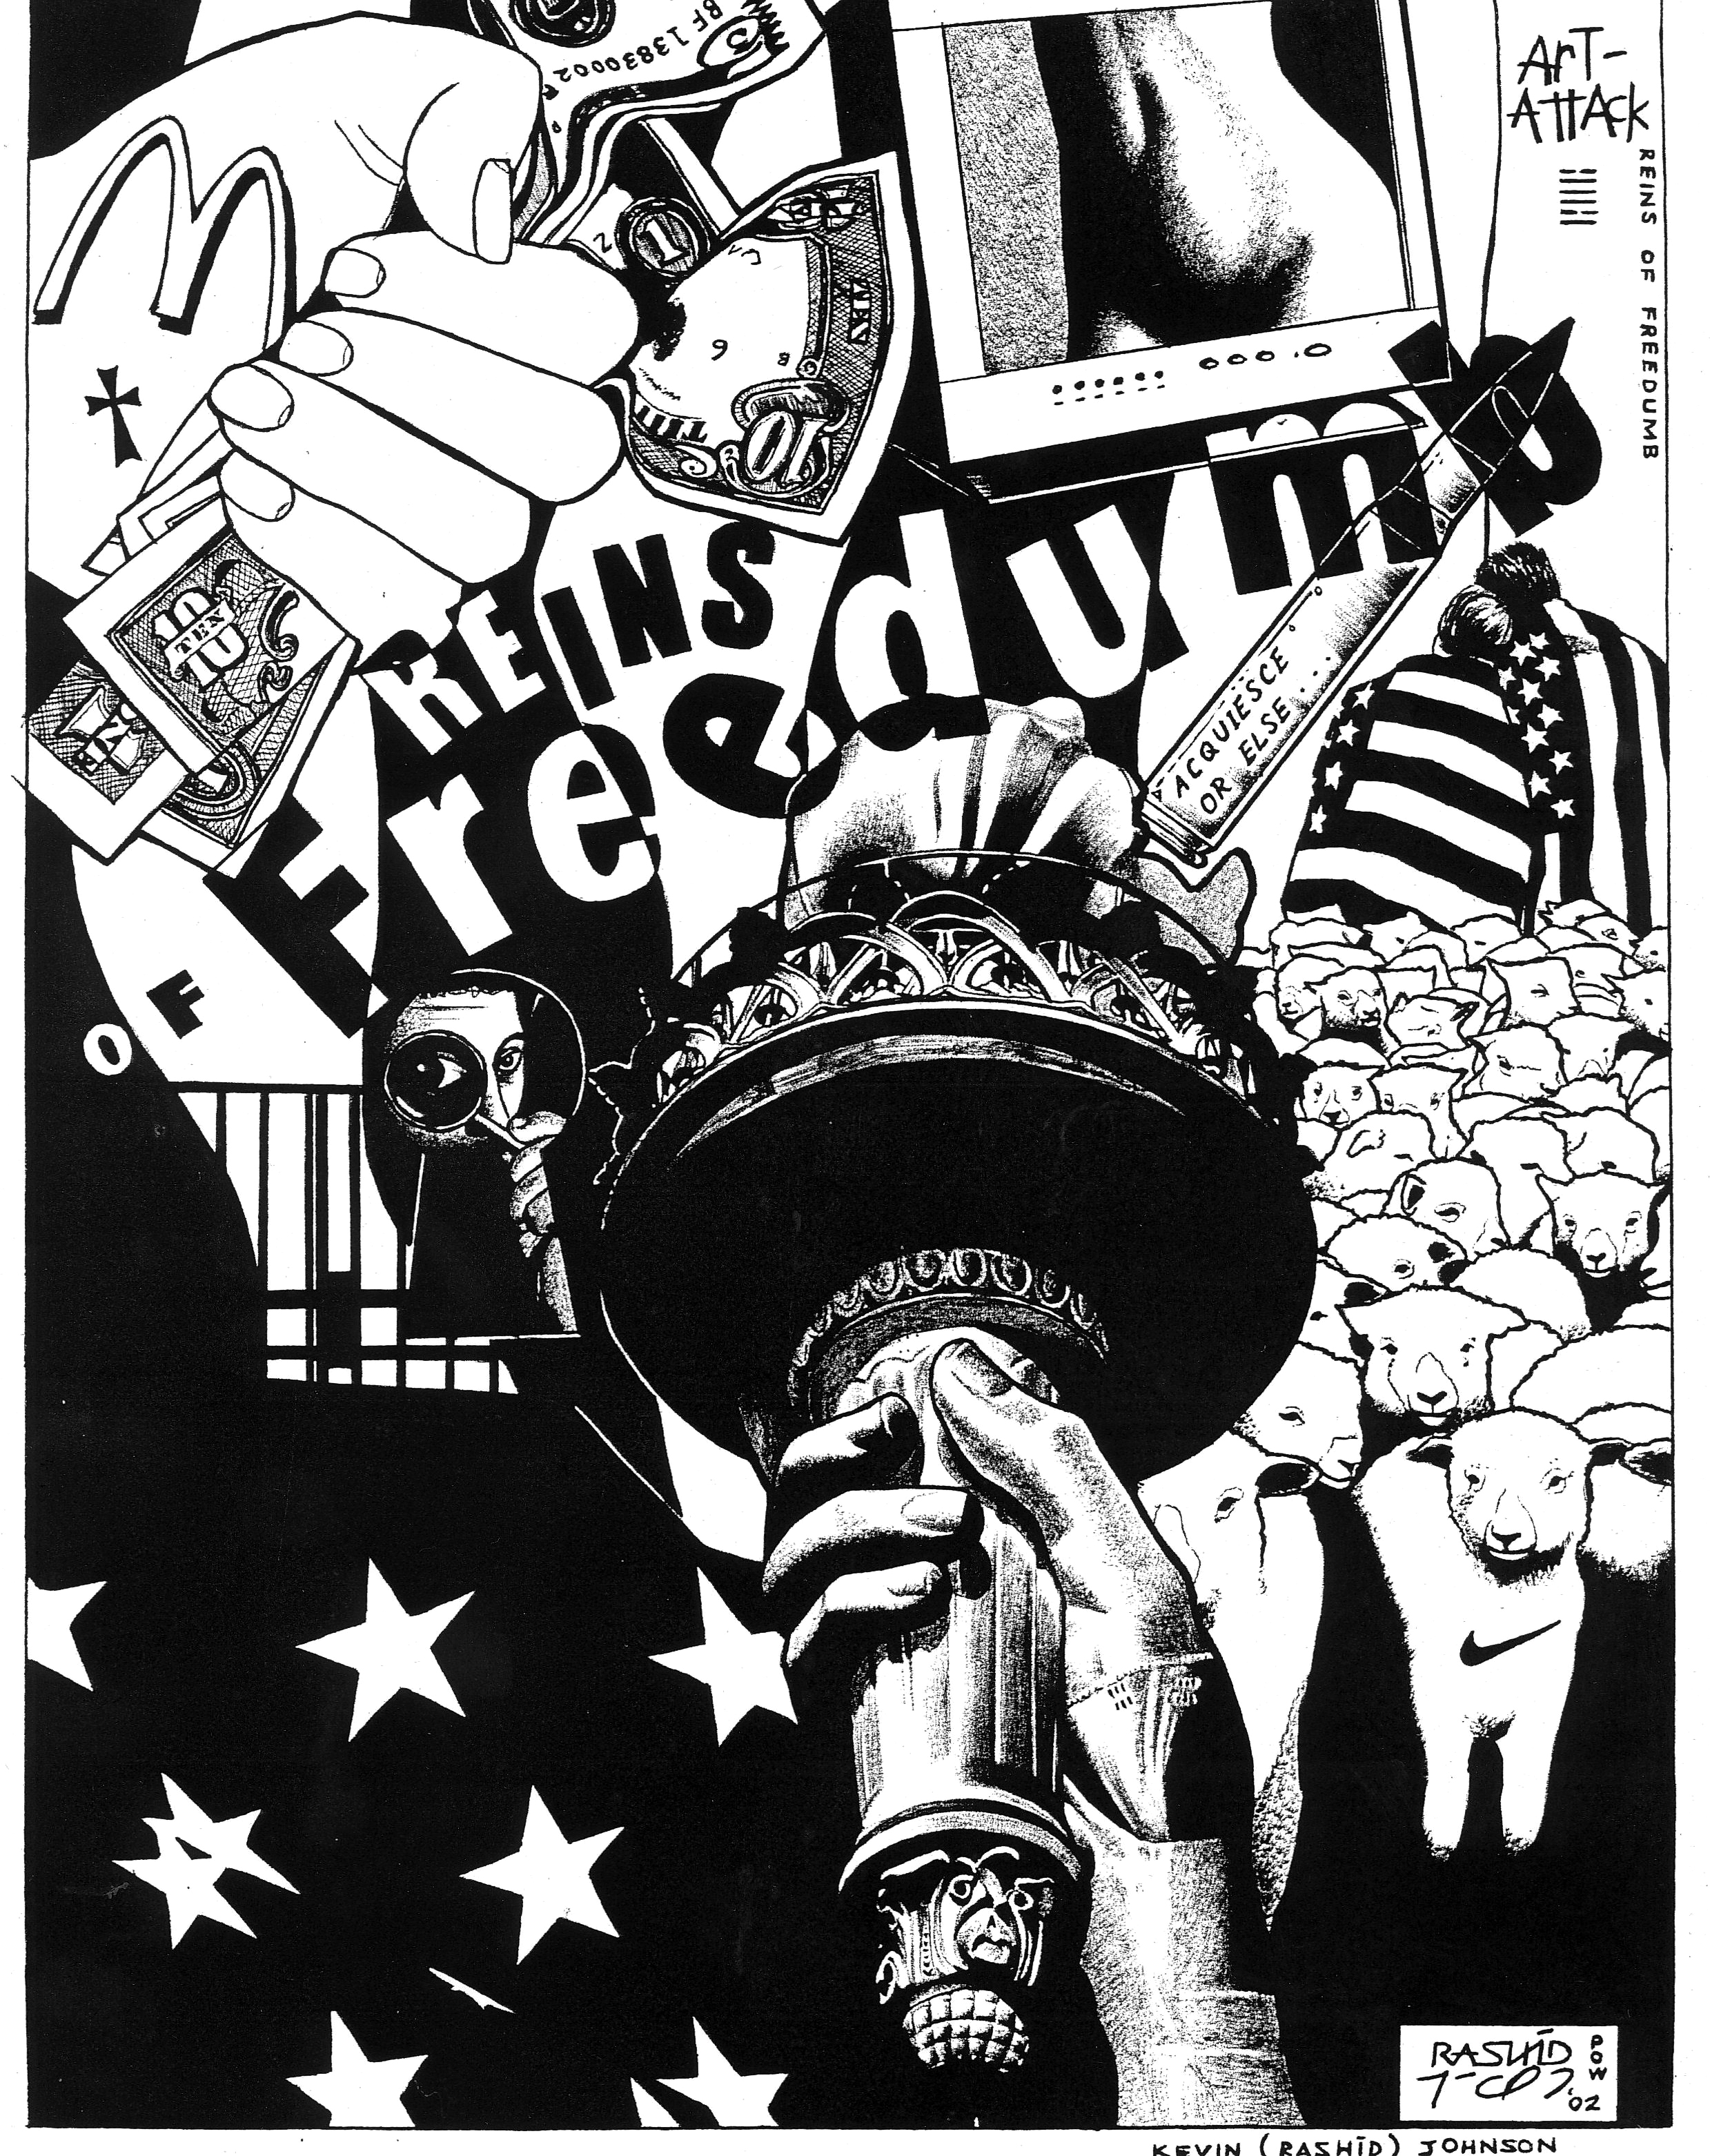 Reins of Freedumb